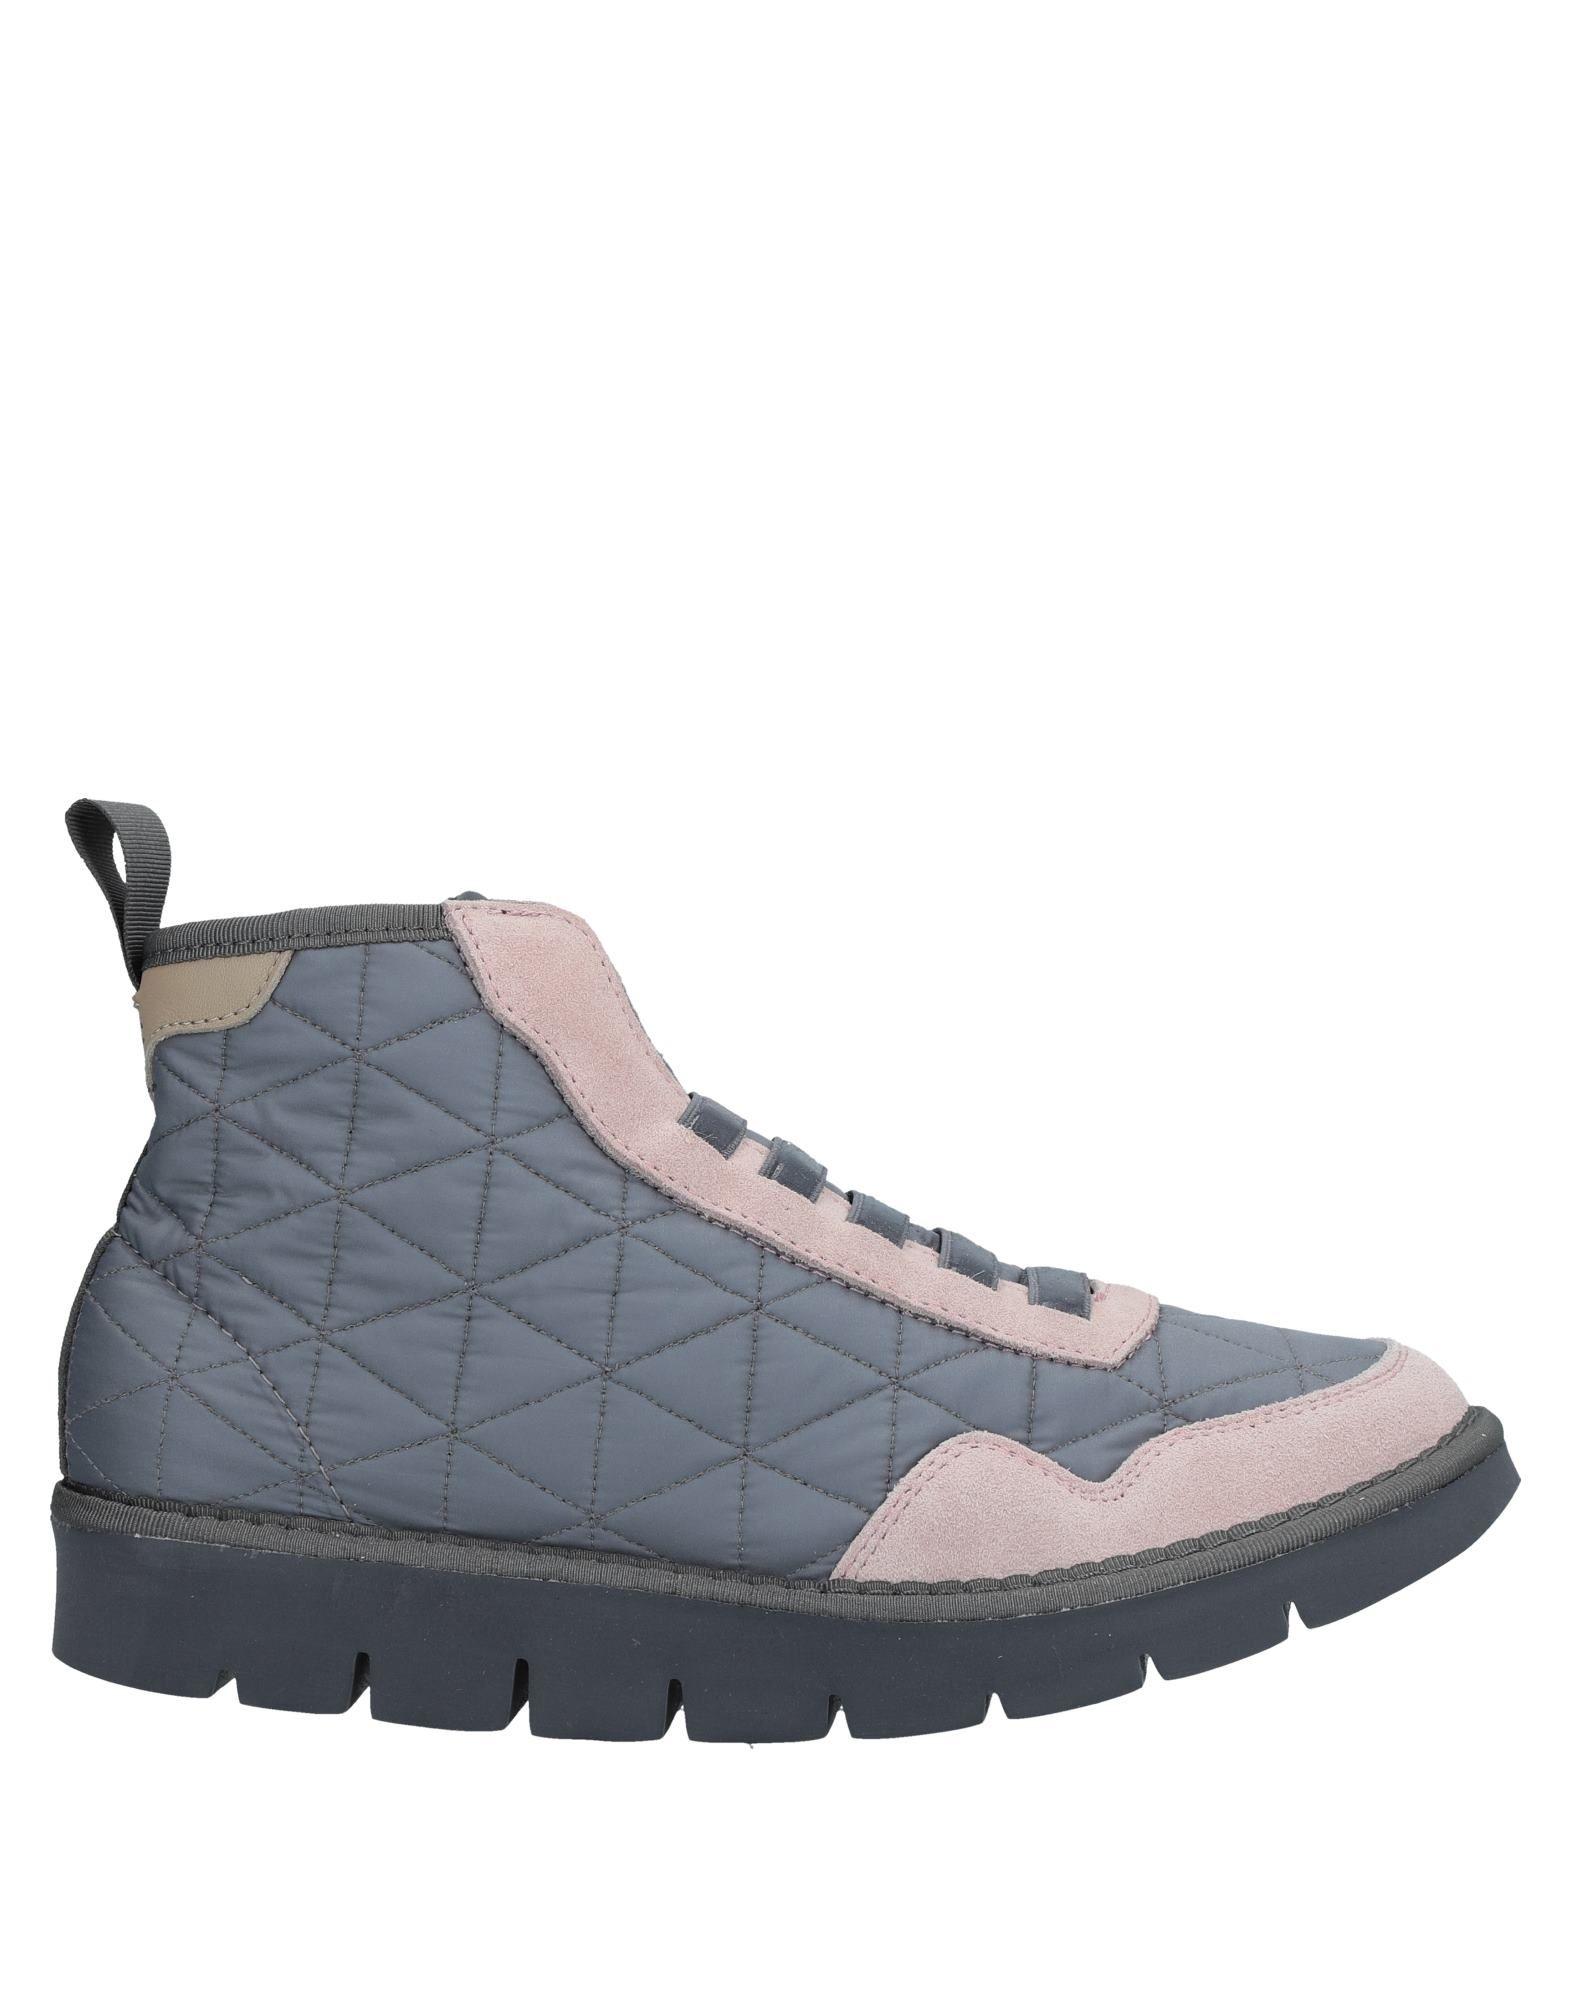 Pànchic Sneakers Gute Damen  11532979UG Gute Sneakers Qualität beliebte Schuhe a5dba6